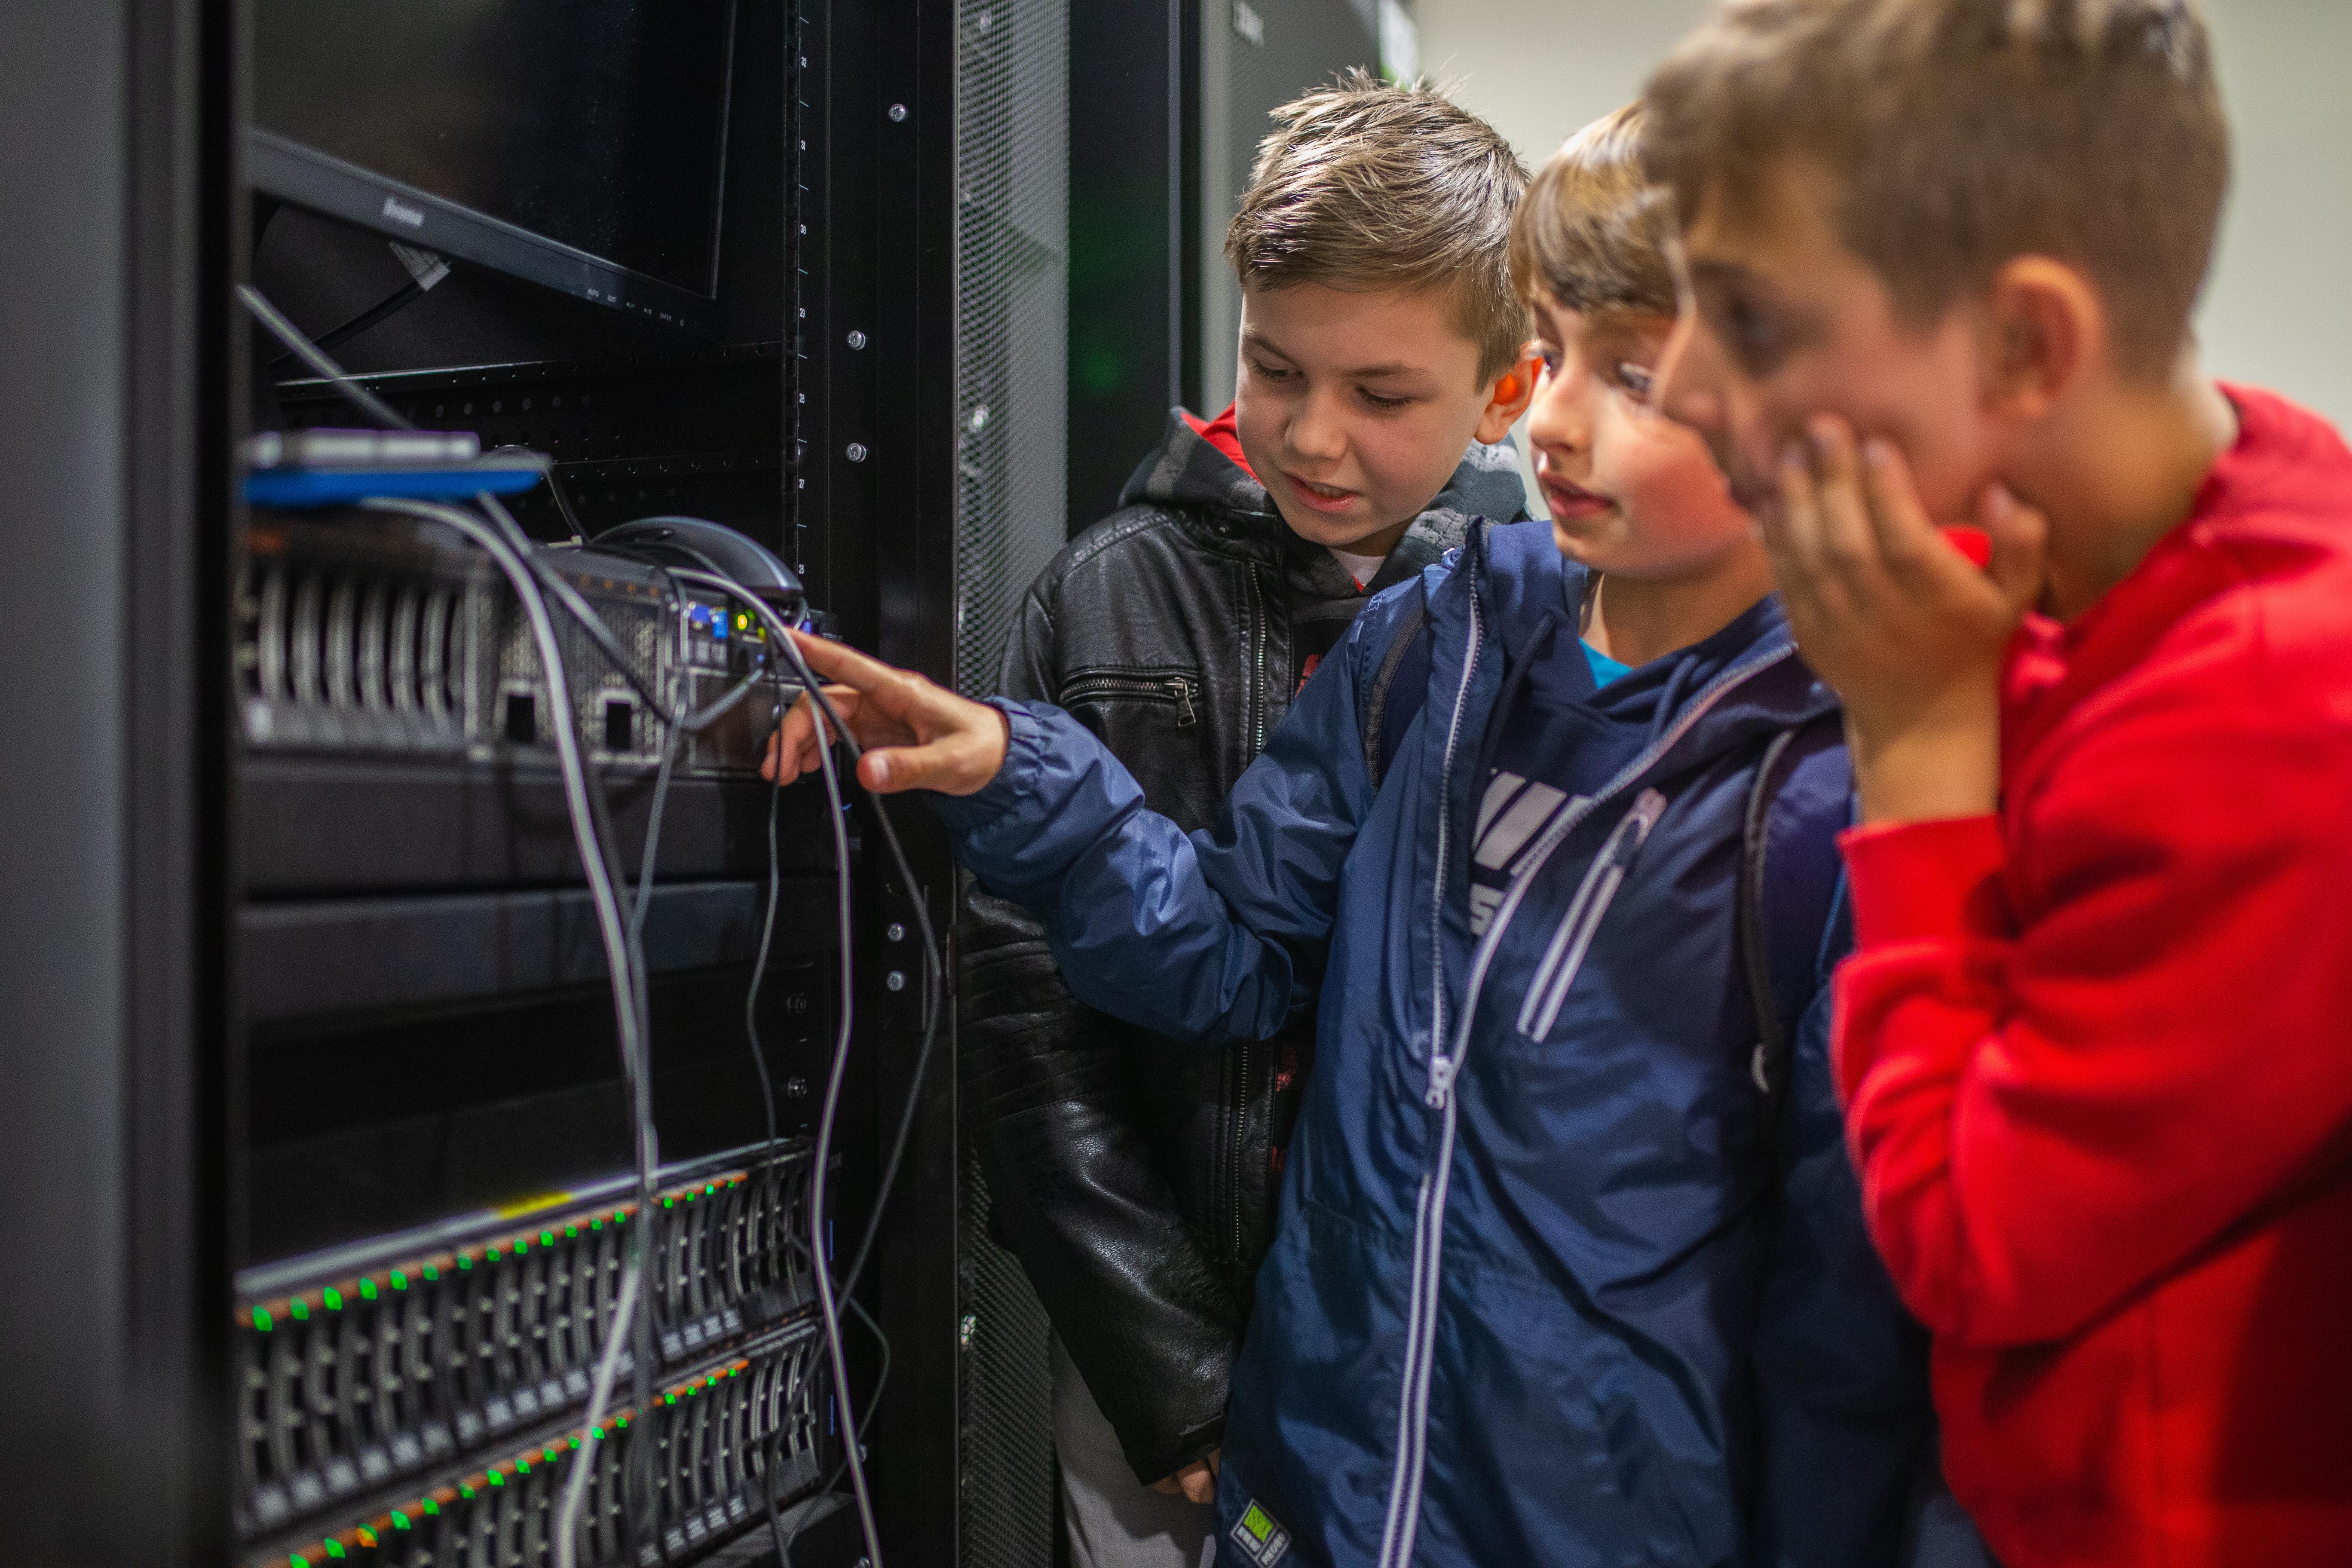 Trzech chłopaków przy skrzynce serwerowej.